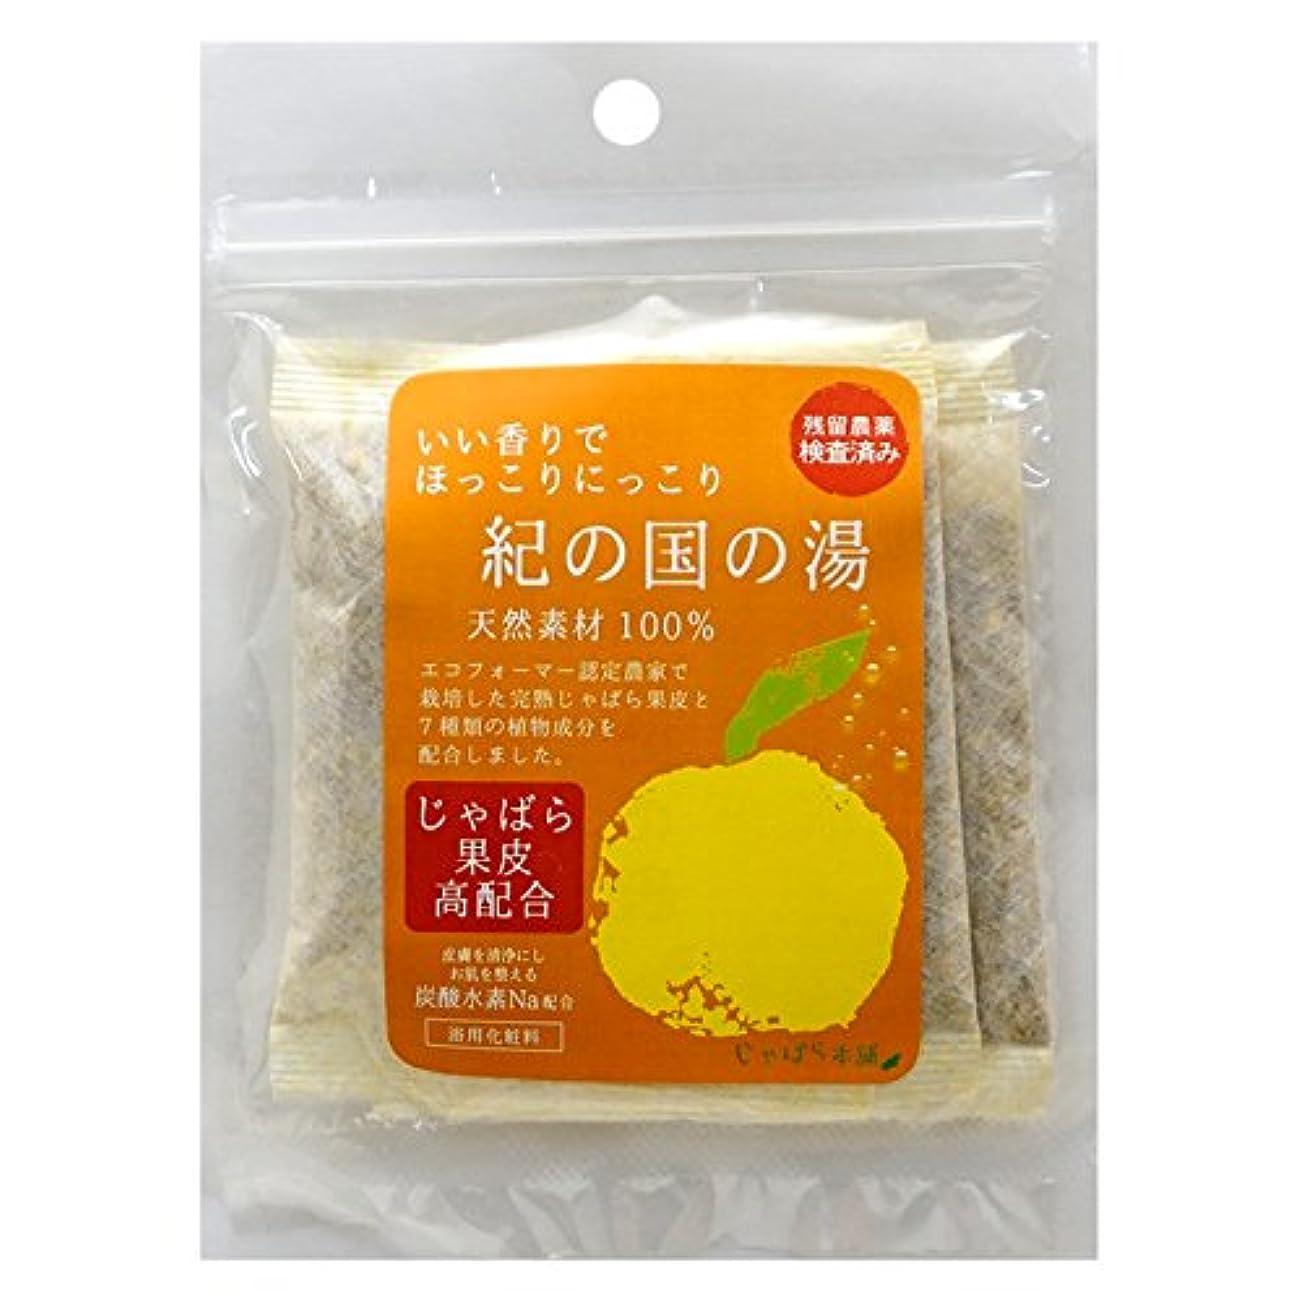 悪意リス不健康じゃばら果皮入りの入浴剤 「紀の国の湯(炭酸ナトリウム入り)」 1袋(30g×3包入り)